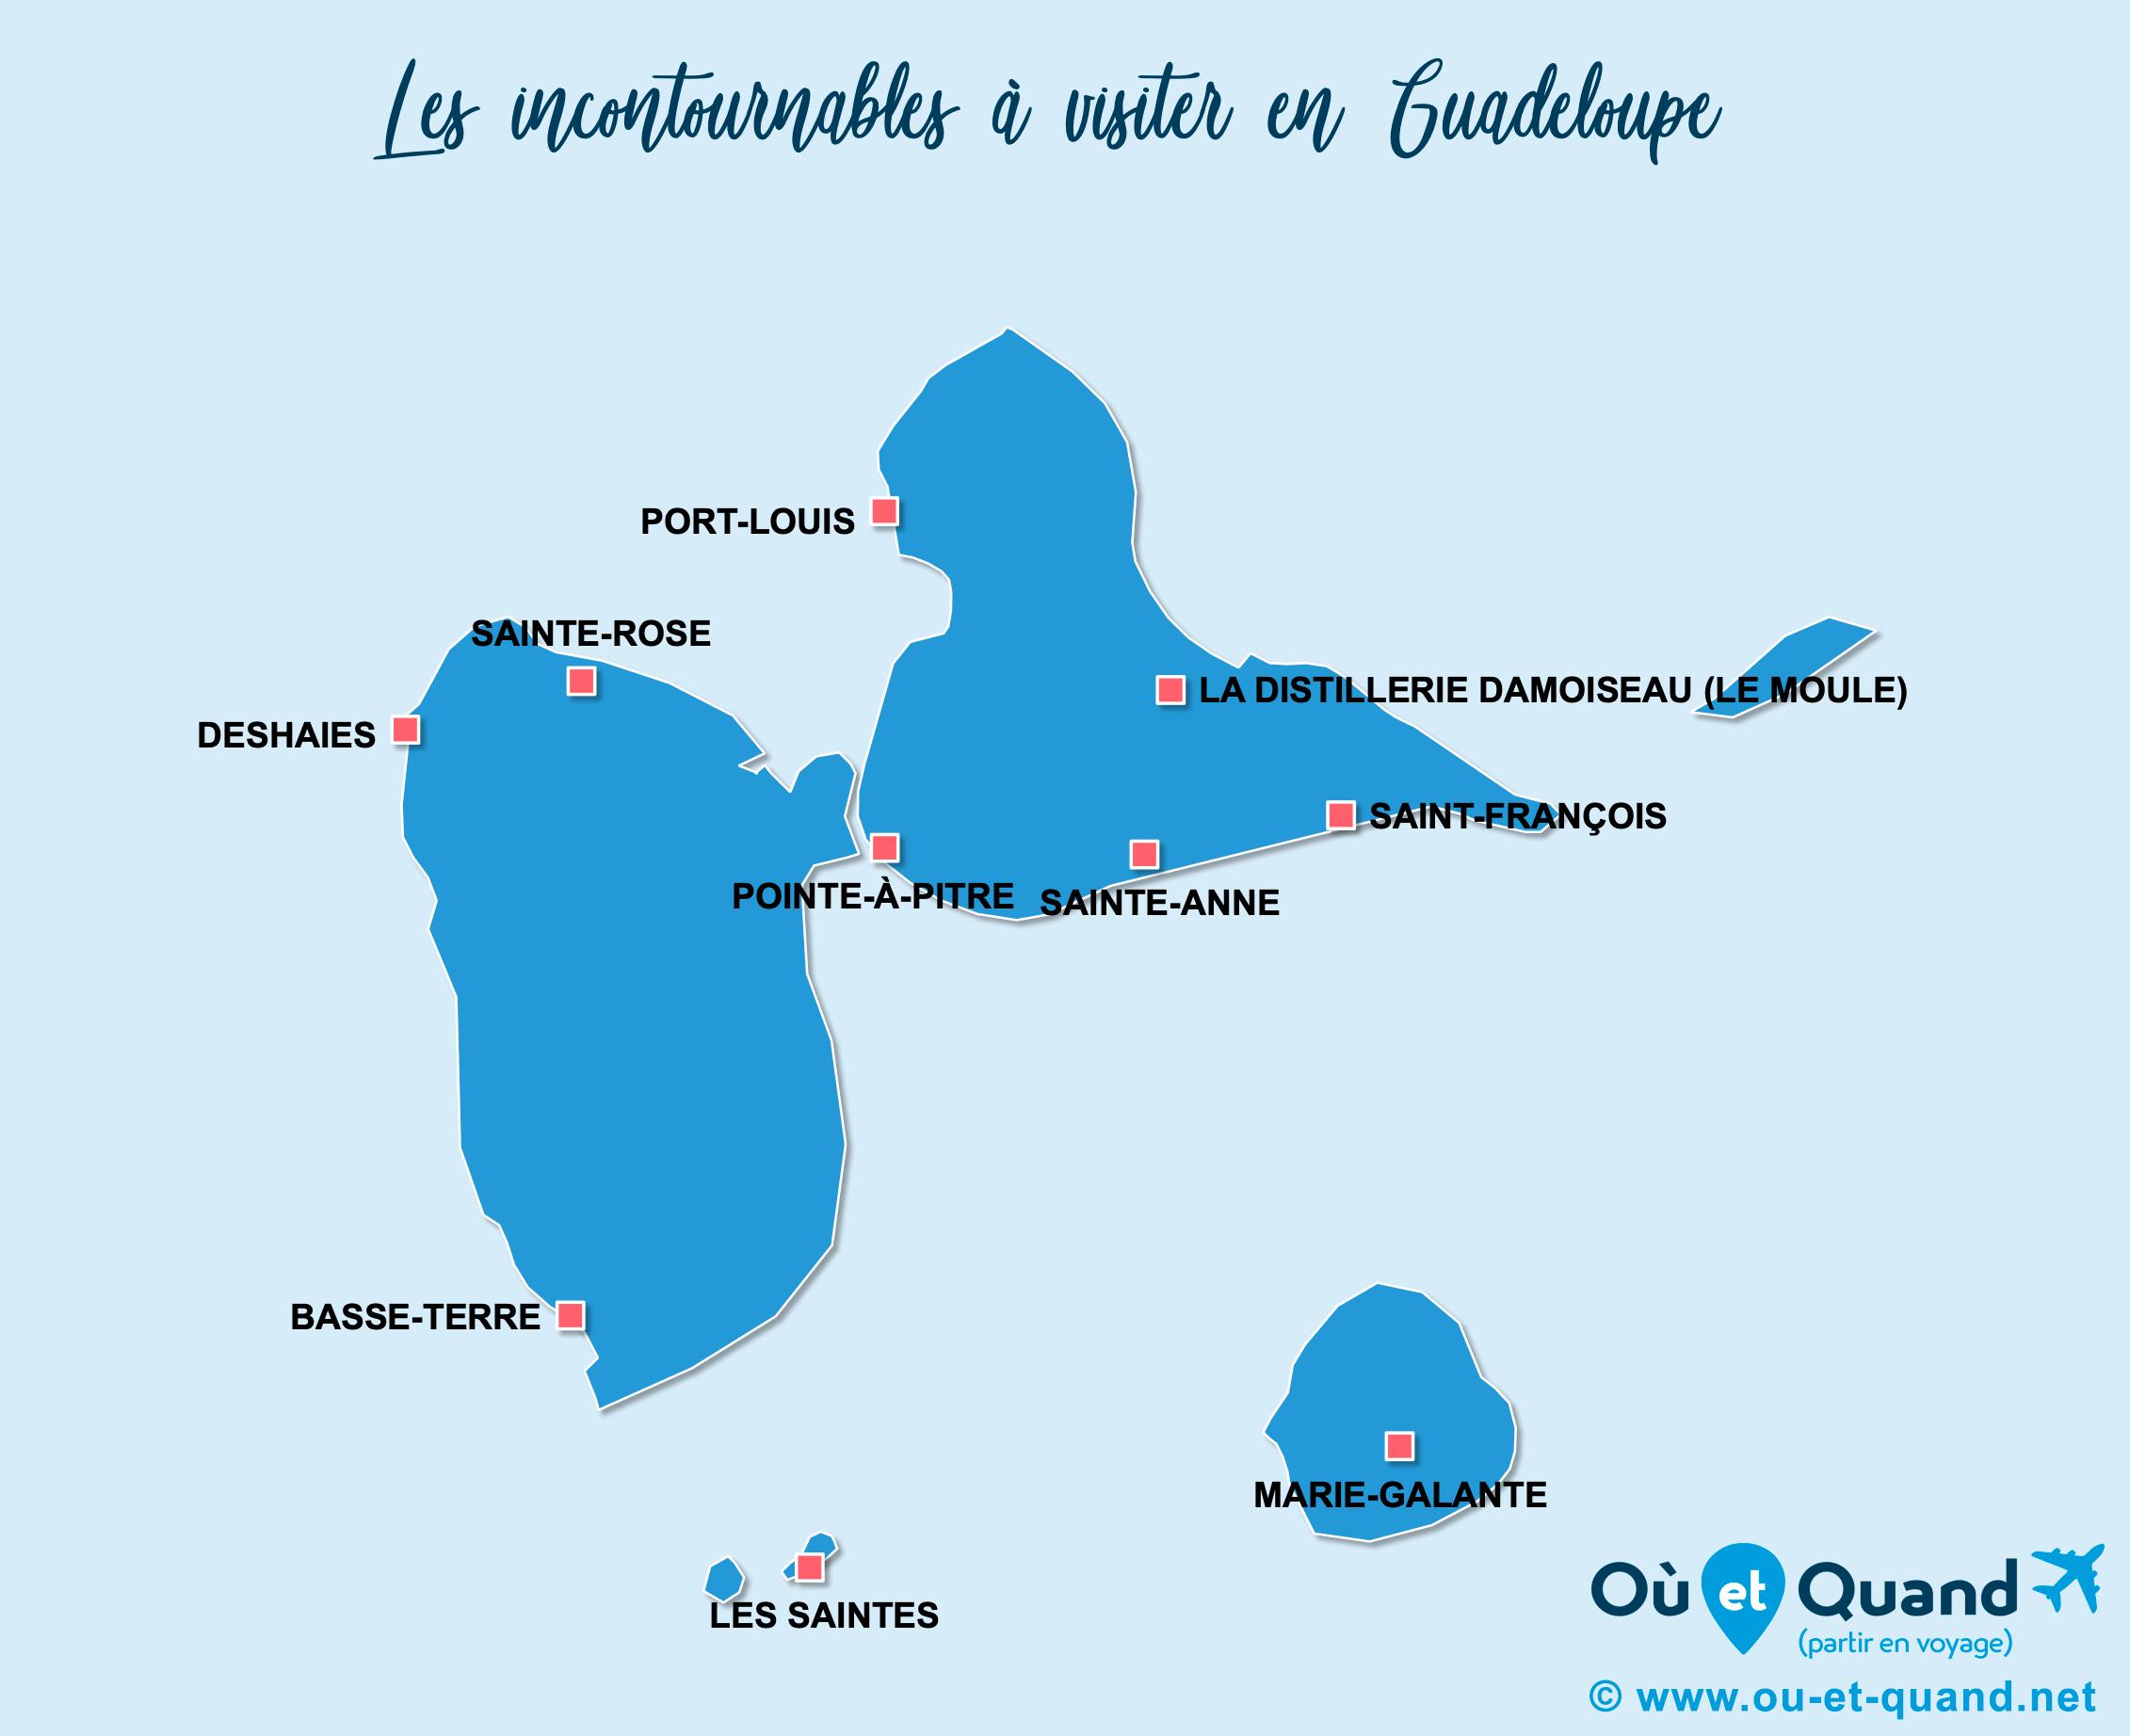 Carte Guadeloupe : Les lieux incontournables en Guadeloupe